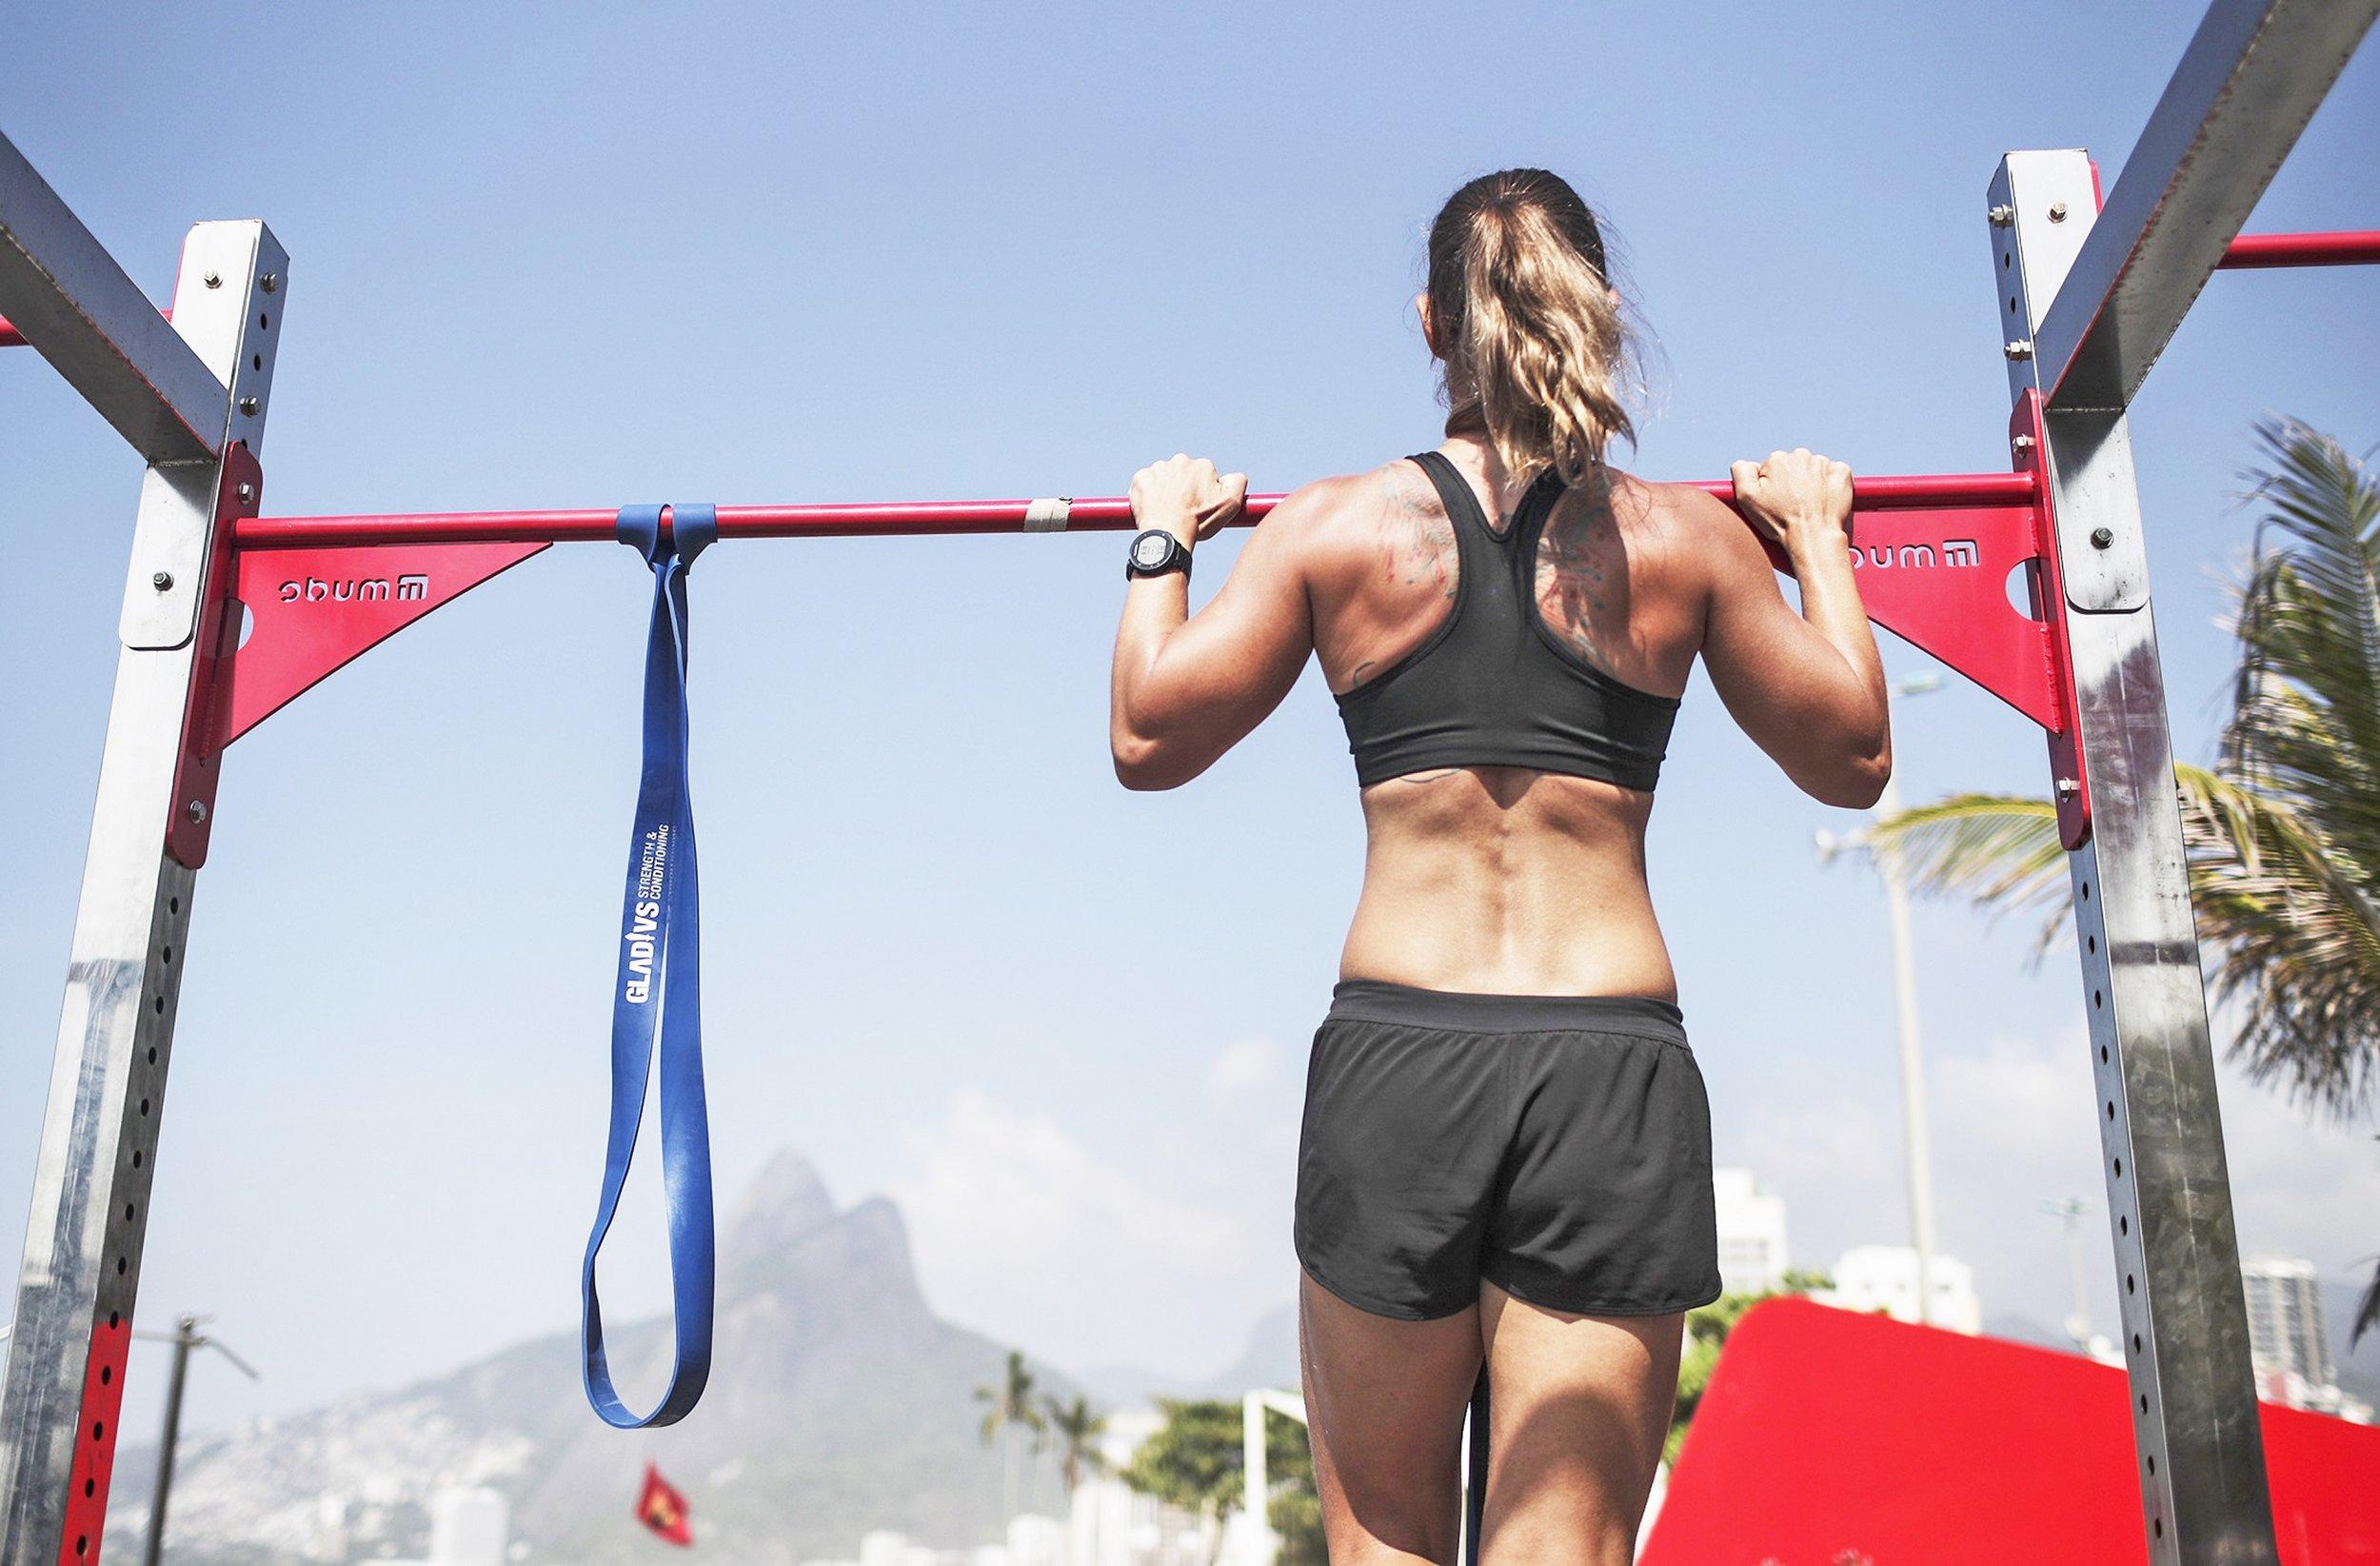 El deporte mejora la capacidad física y además, entre otros aspectos, hace mucho bien al sistema cardiovascular, lo que hace aumentar el flujo sanguíneo en el clítoris, fortalece el suelo pélvico y ayuda a relajarse, según los expertos. Foto: Antonio Lacerda